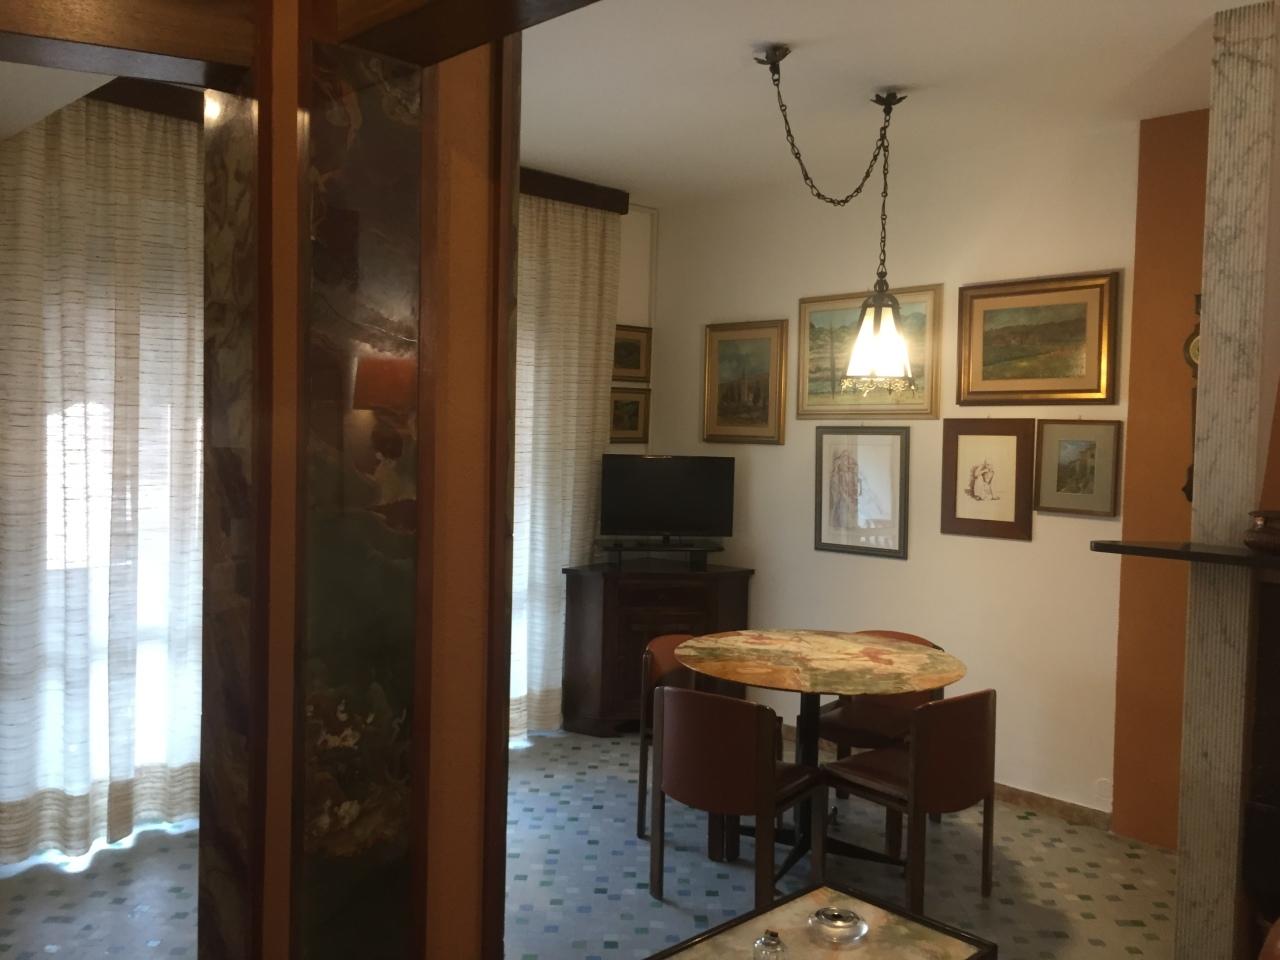 Appartamento - Appartamento a La Spezia centro, La Spezia